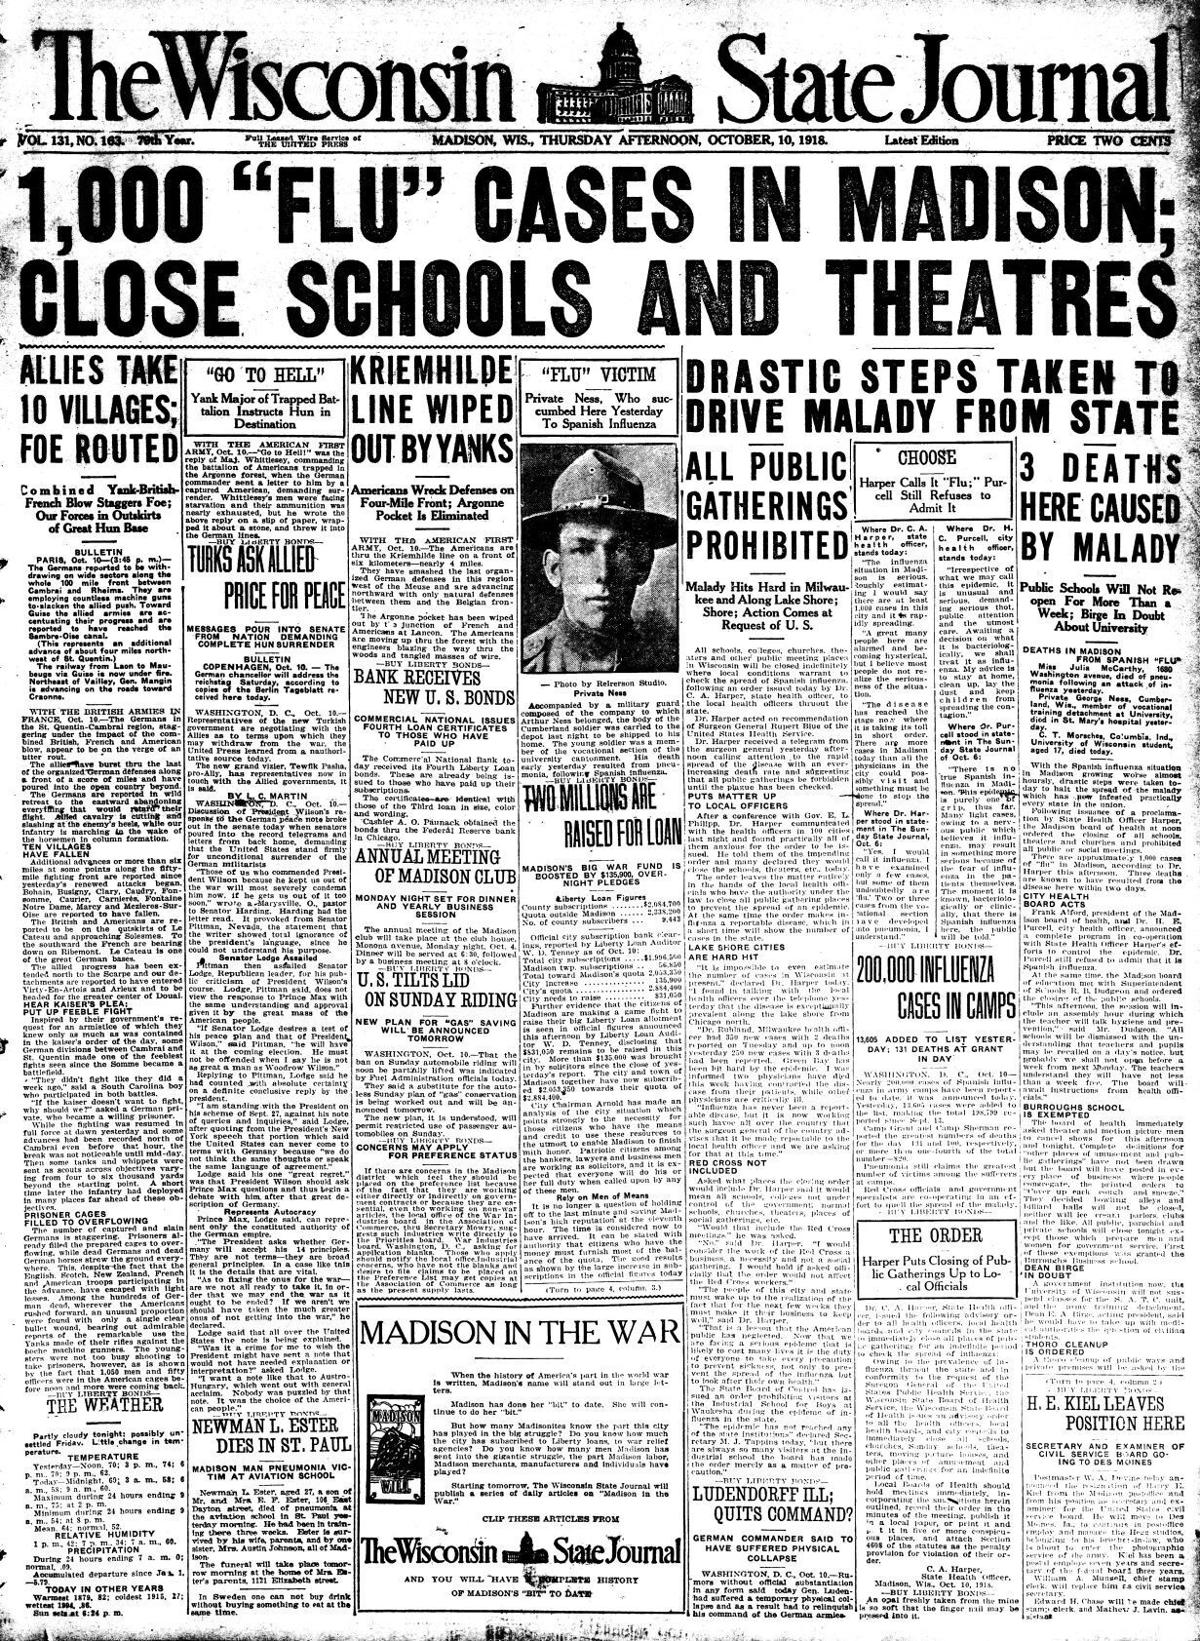 Oct. 10, 1918